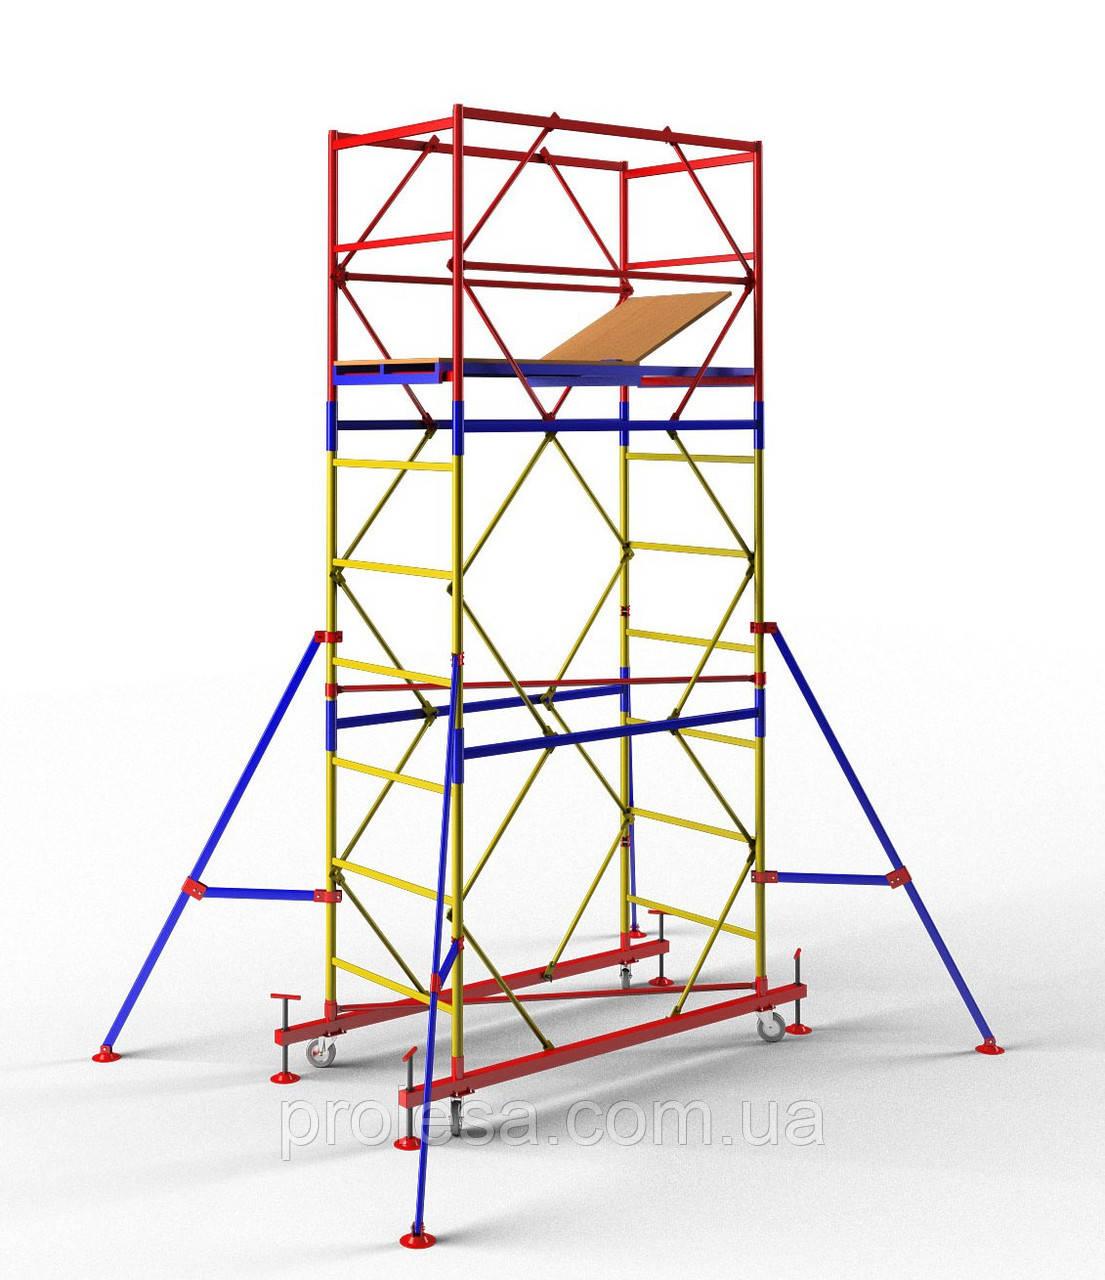 Вышка-тура 1,2х2,0 м, фото 1